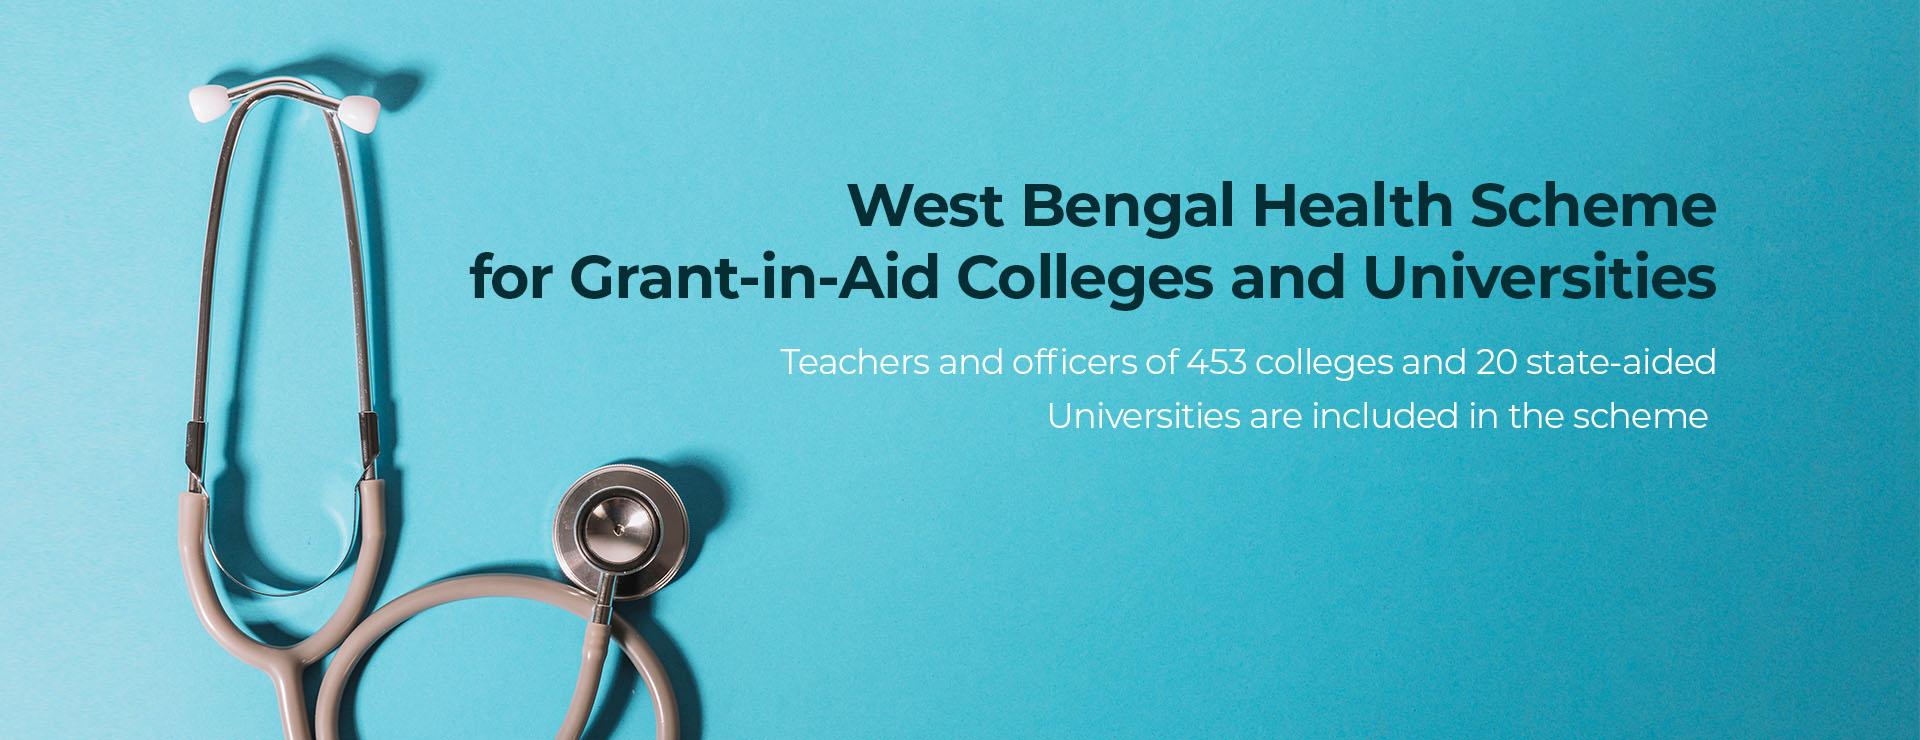 West Bengal Health Scheme